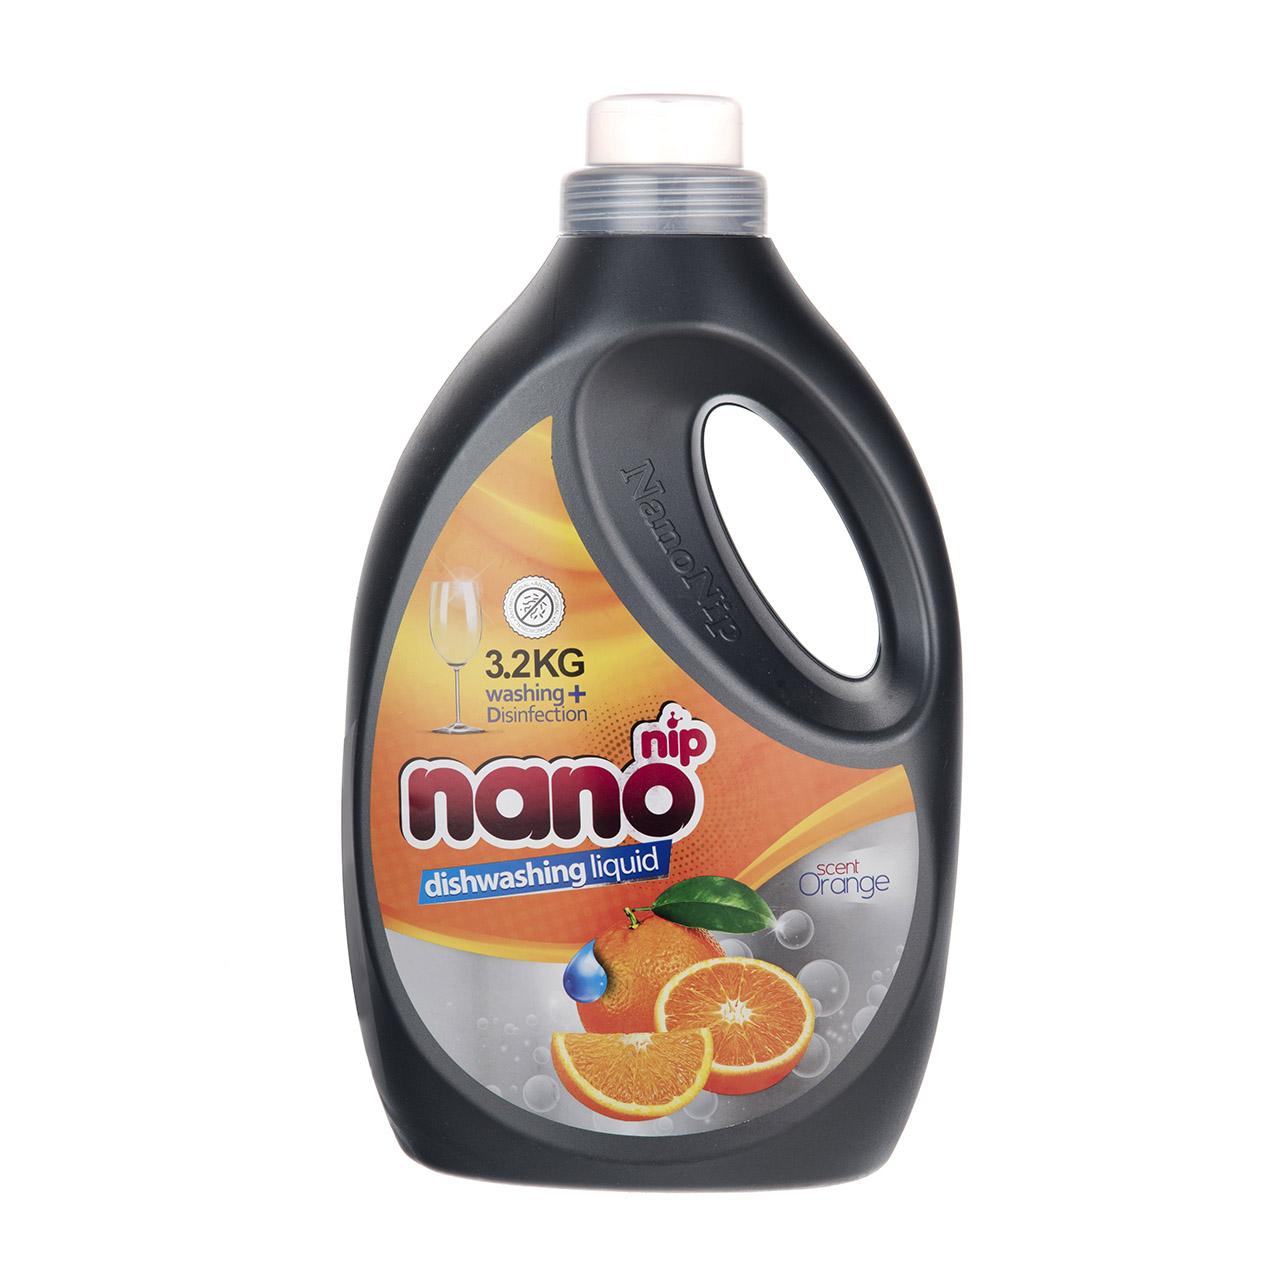 مایع ظرفشویی نانو نیپ مدل Orange مقدار 3200 گرم